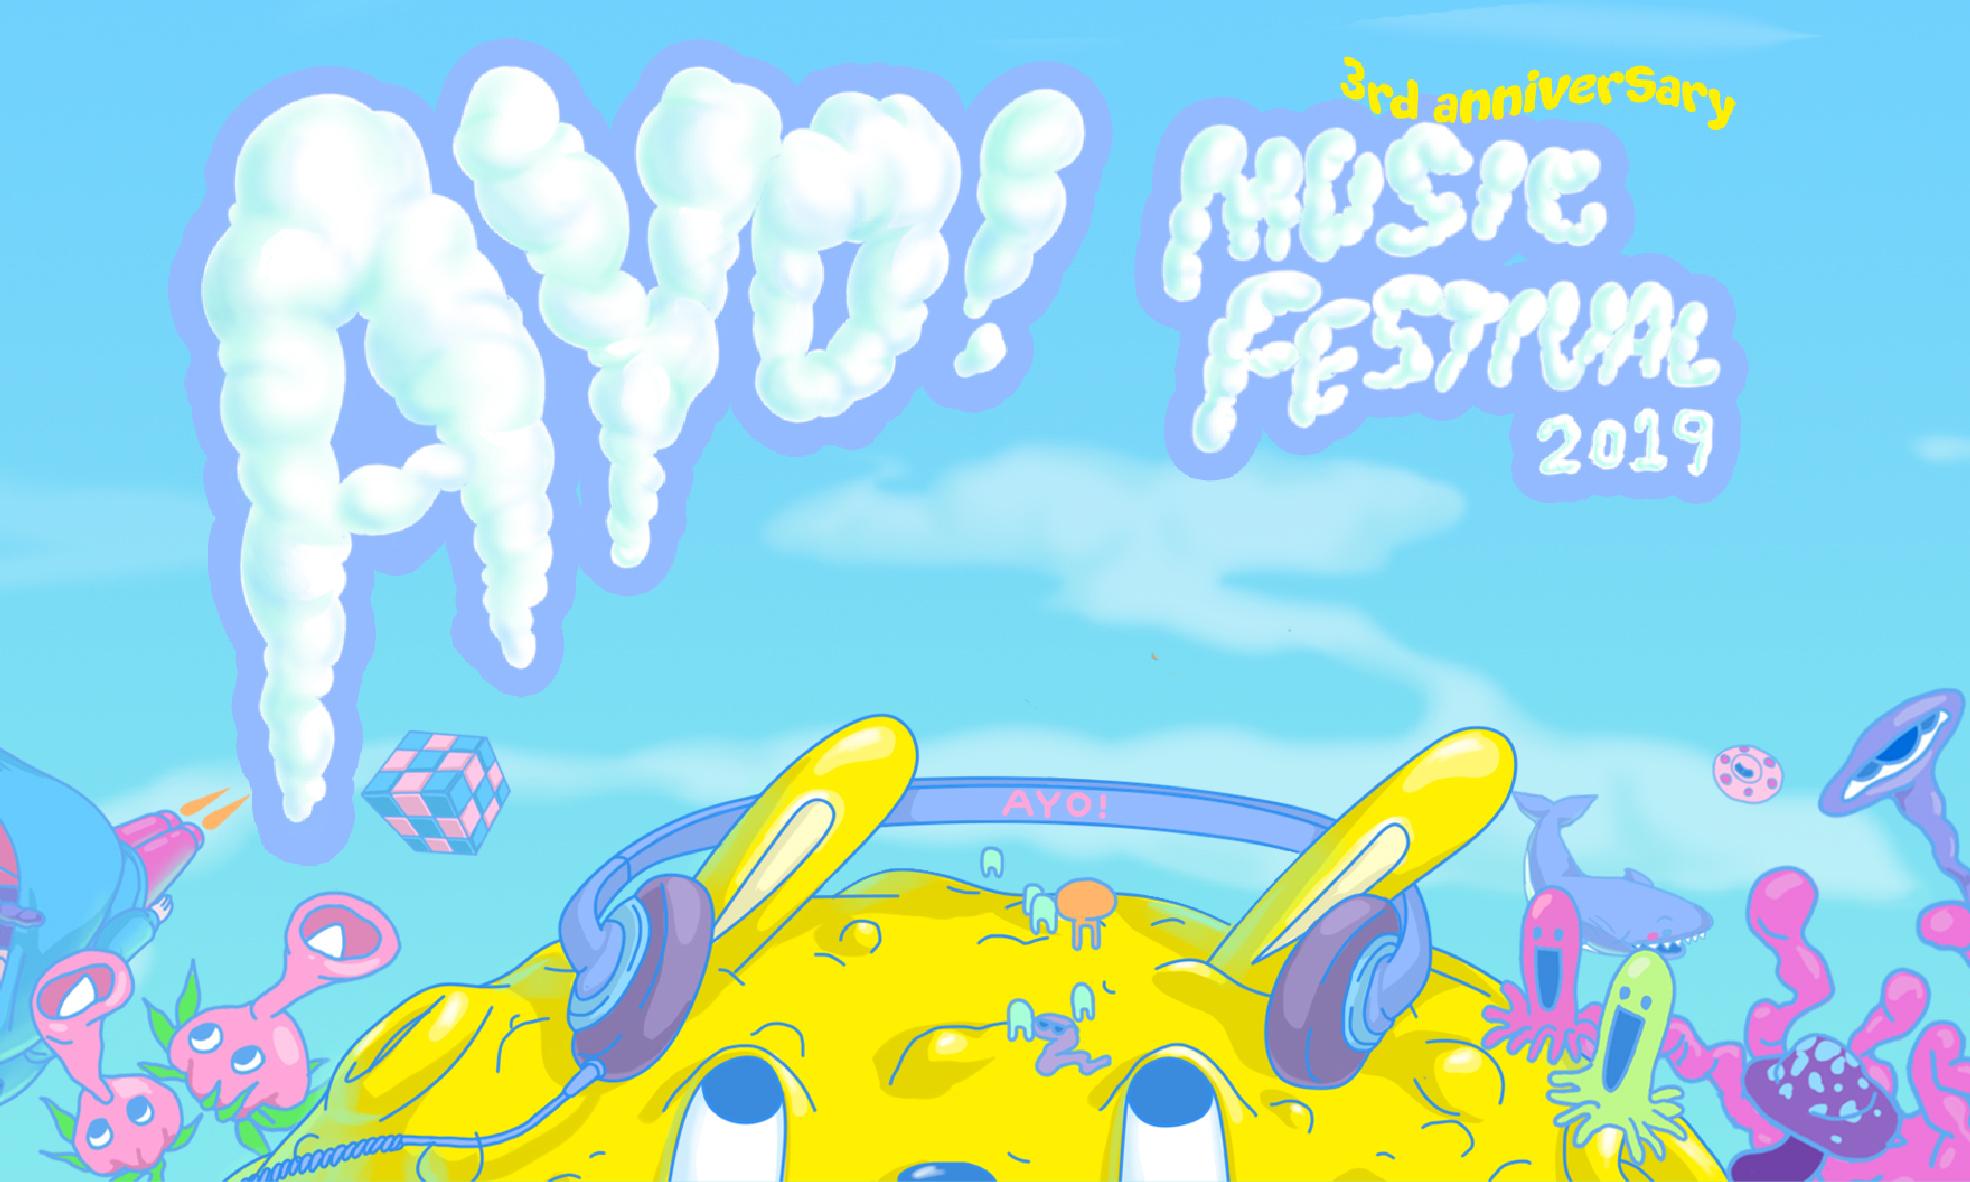 包括 JAY PARK、热狗、GAI在内,上百名人气 Rapper 将齐聚上海 AYO!音乐节